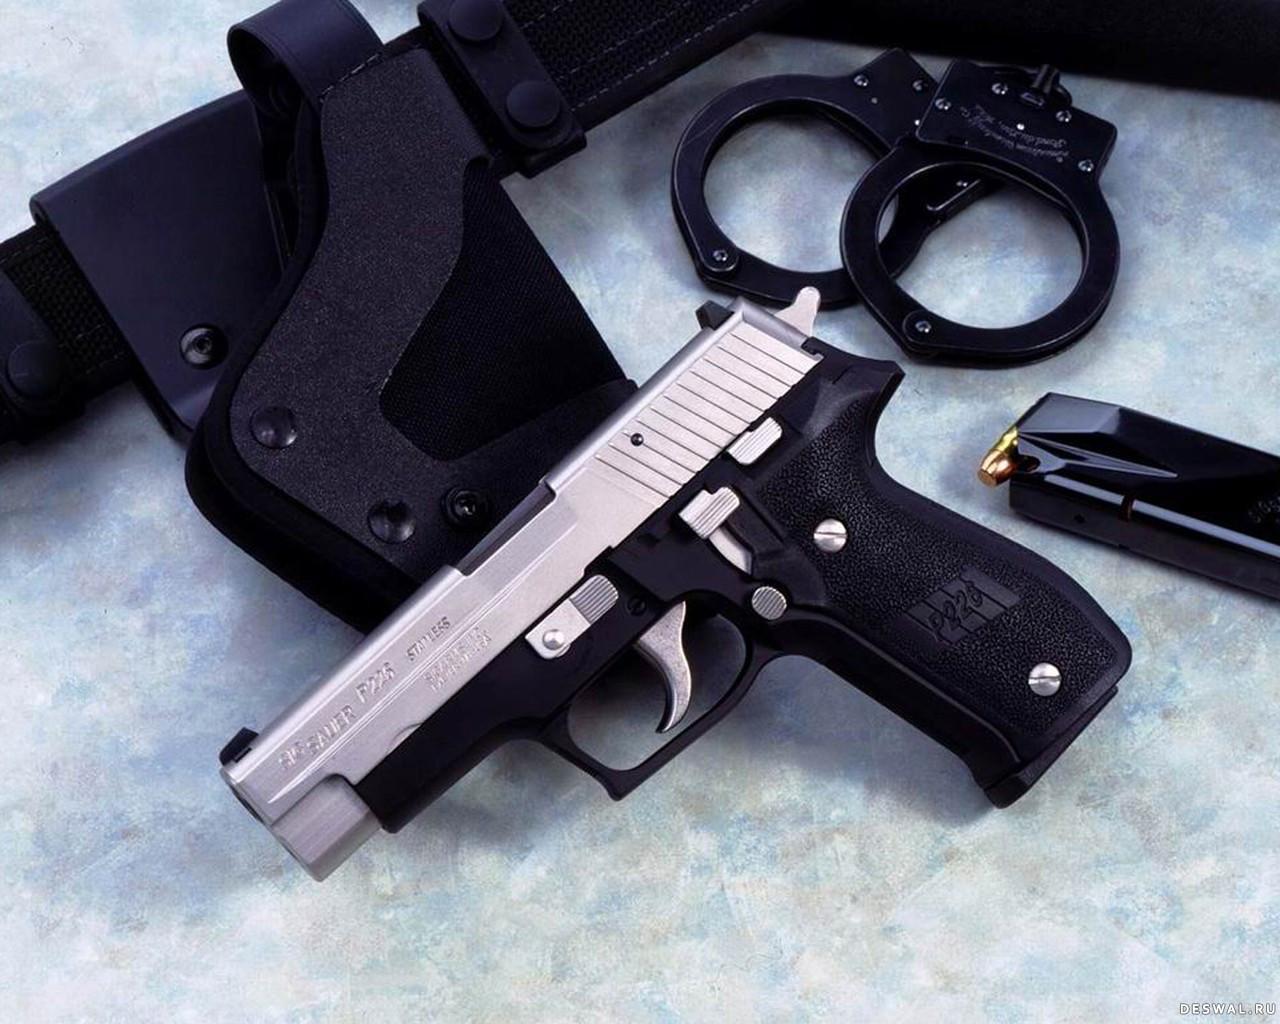 Фото 29. Нажмите на картинку с обоями оружия, чтобы просмотреть ее в реальном размере